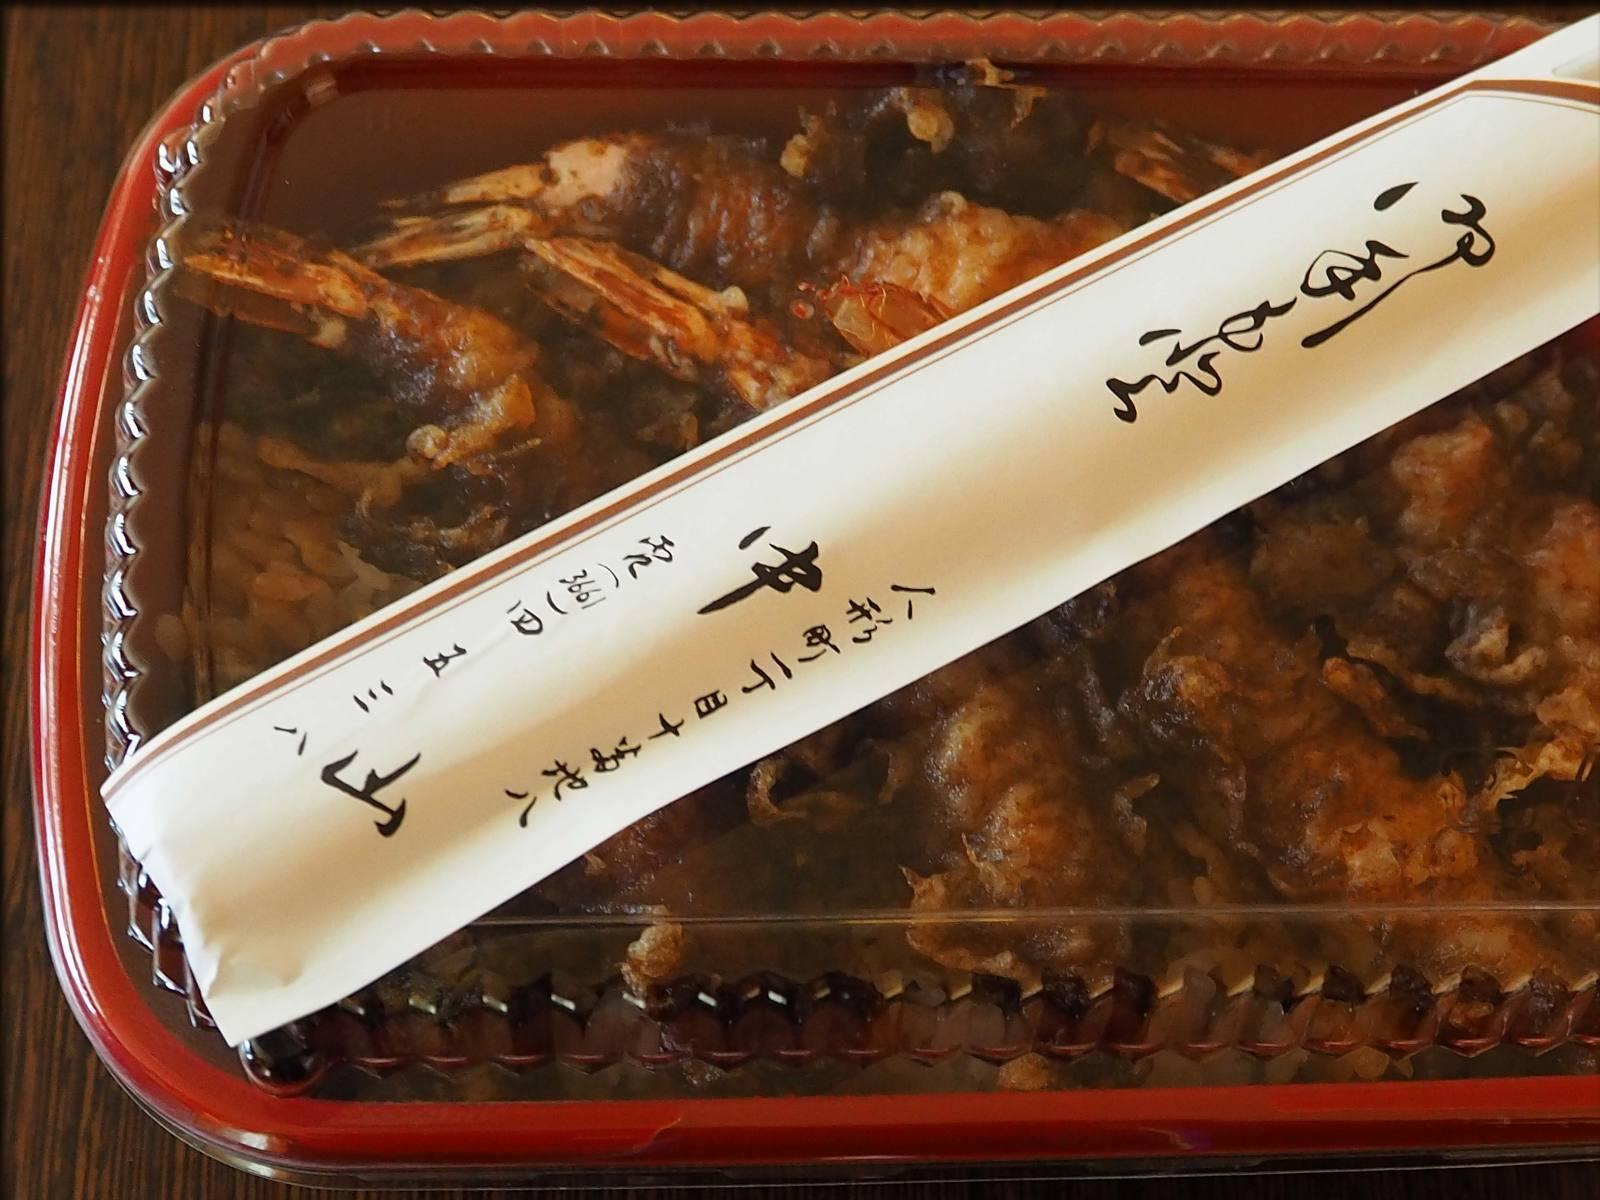 天ぷら中山で海老天丼をお持ち帰り@日本橋人形町_b0054329_09272359.jpg